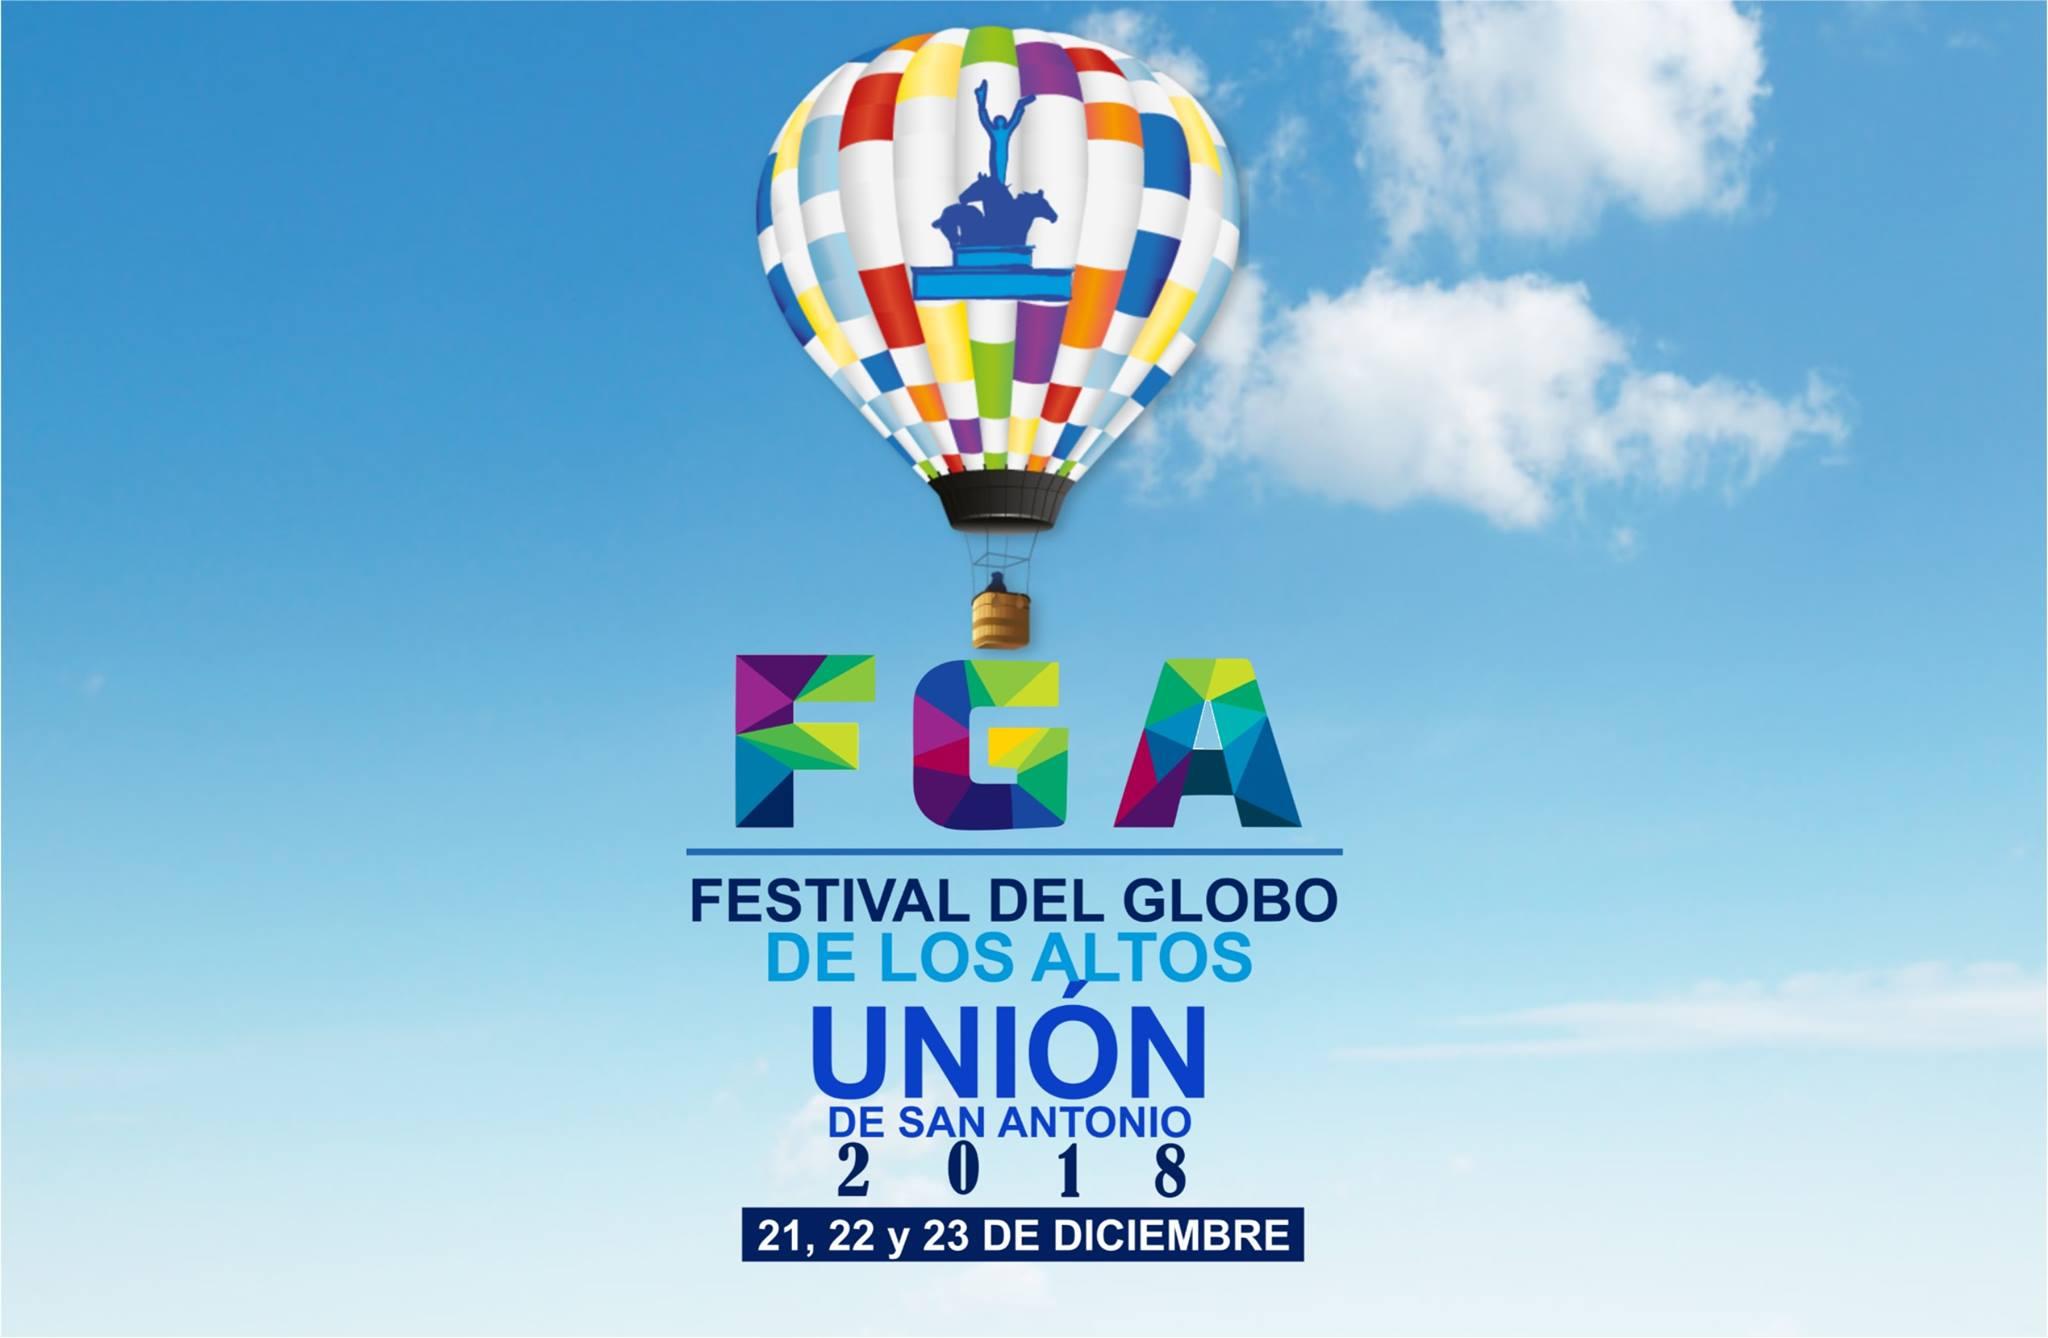 PROGRAMA del Festival de Globo de los Altos, Jalisco 2018